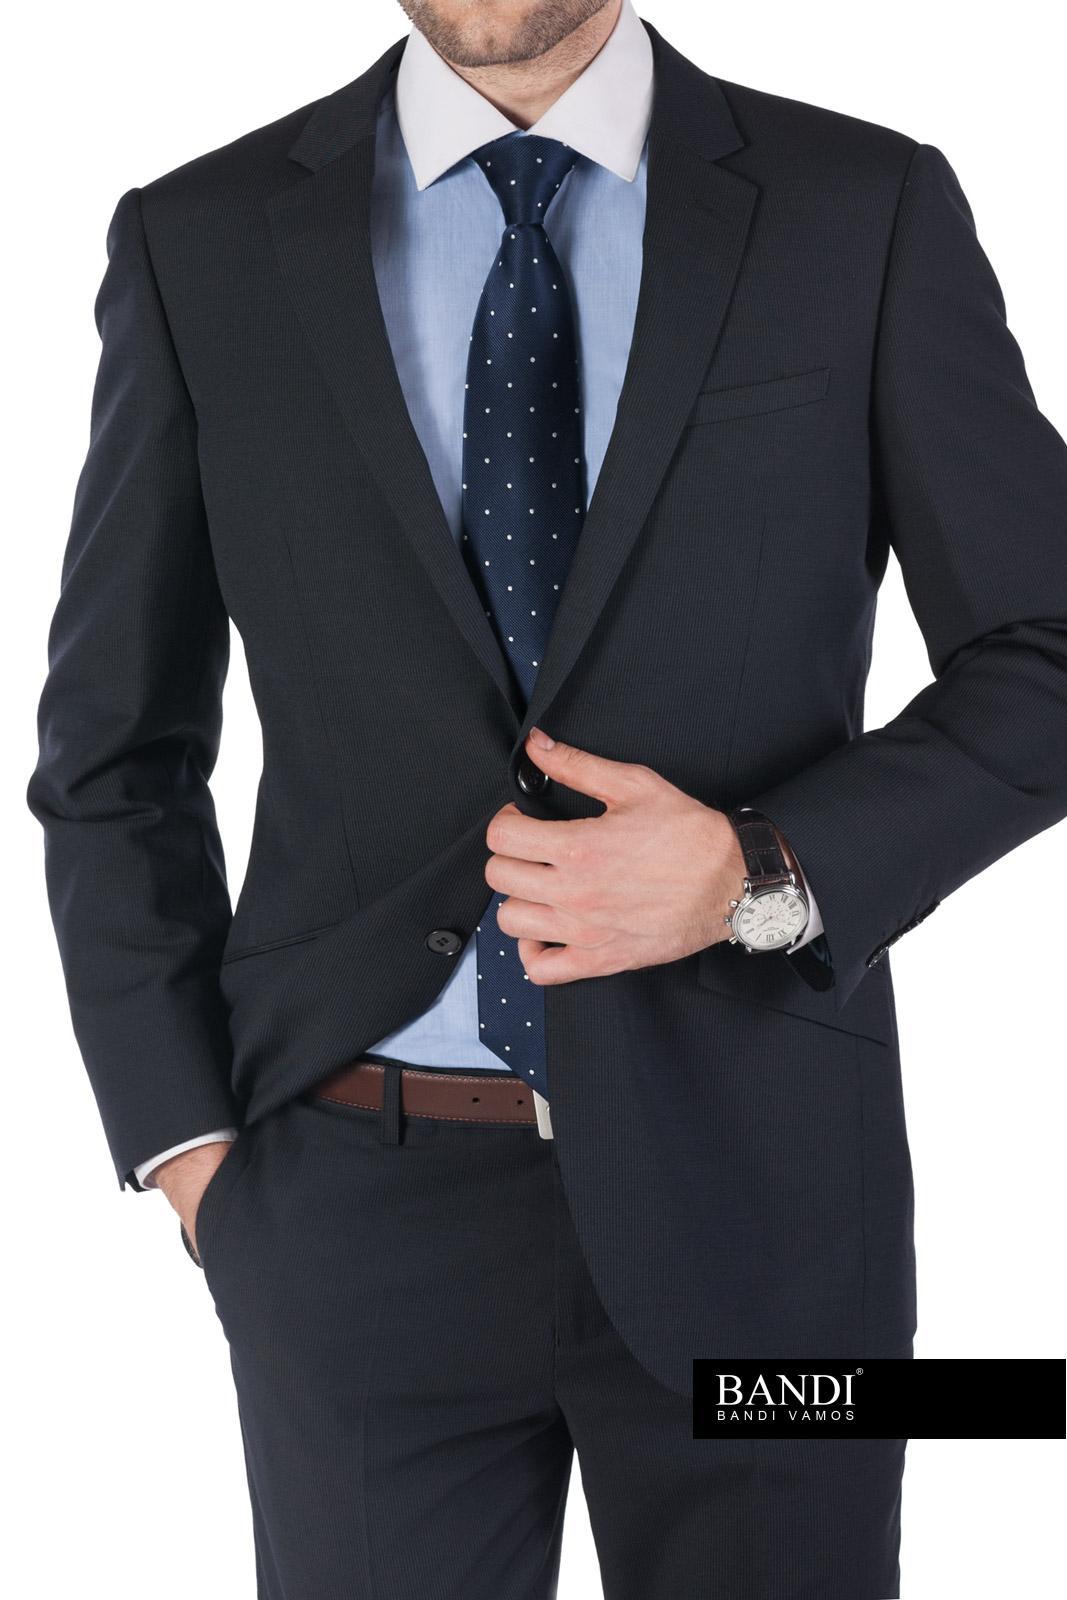 Puntíkovaná kravata přidá vašemu vzhledu na stylu